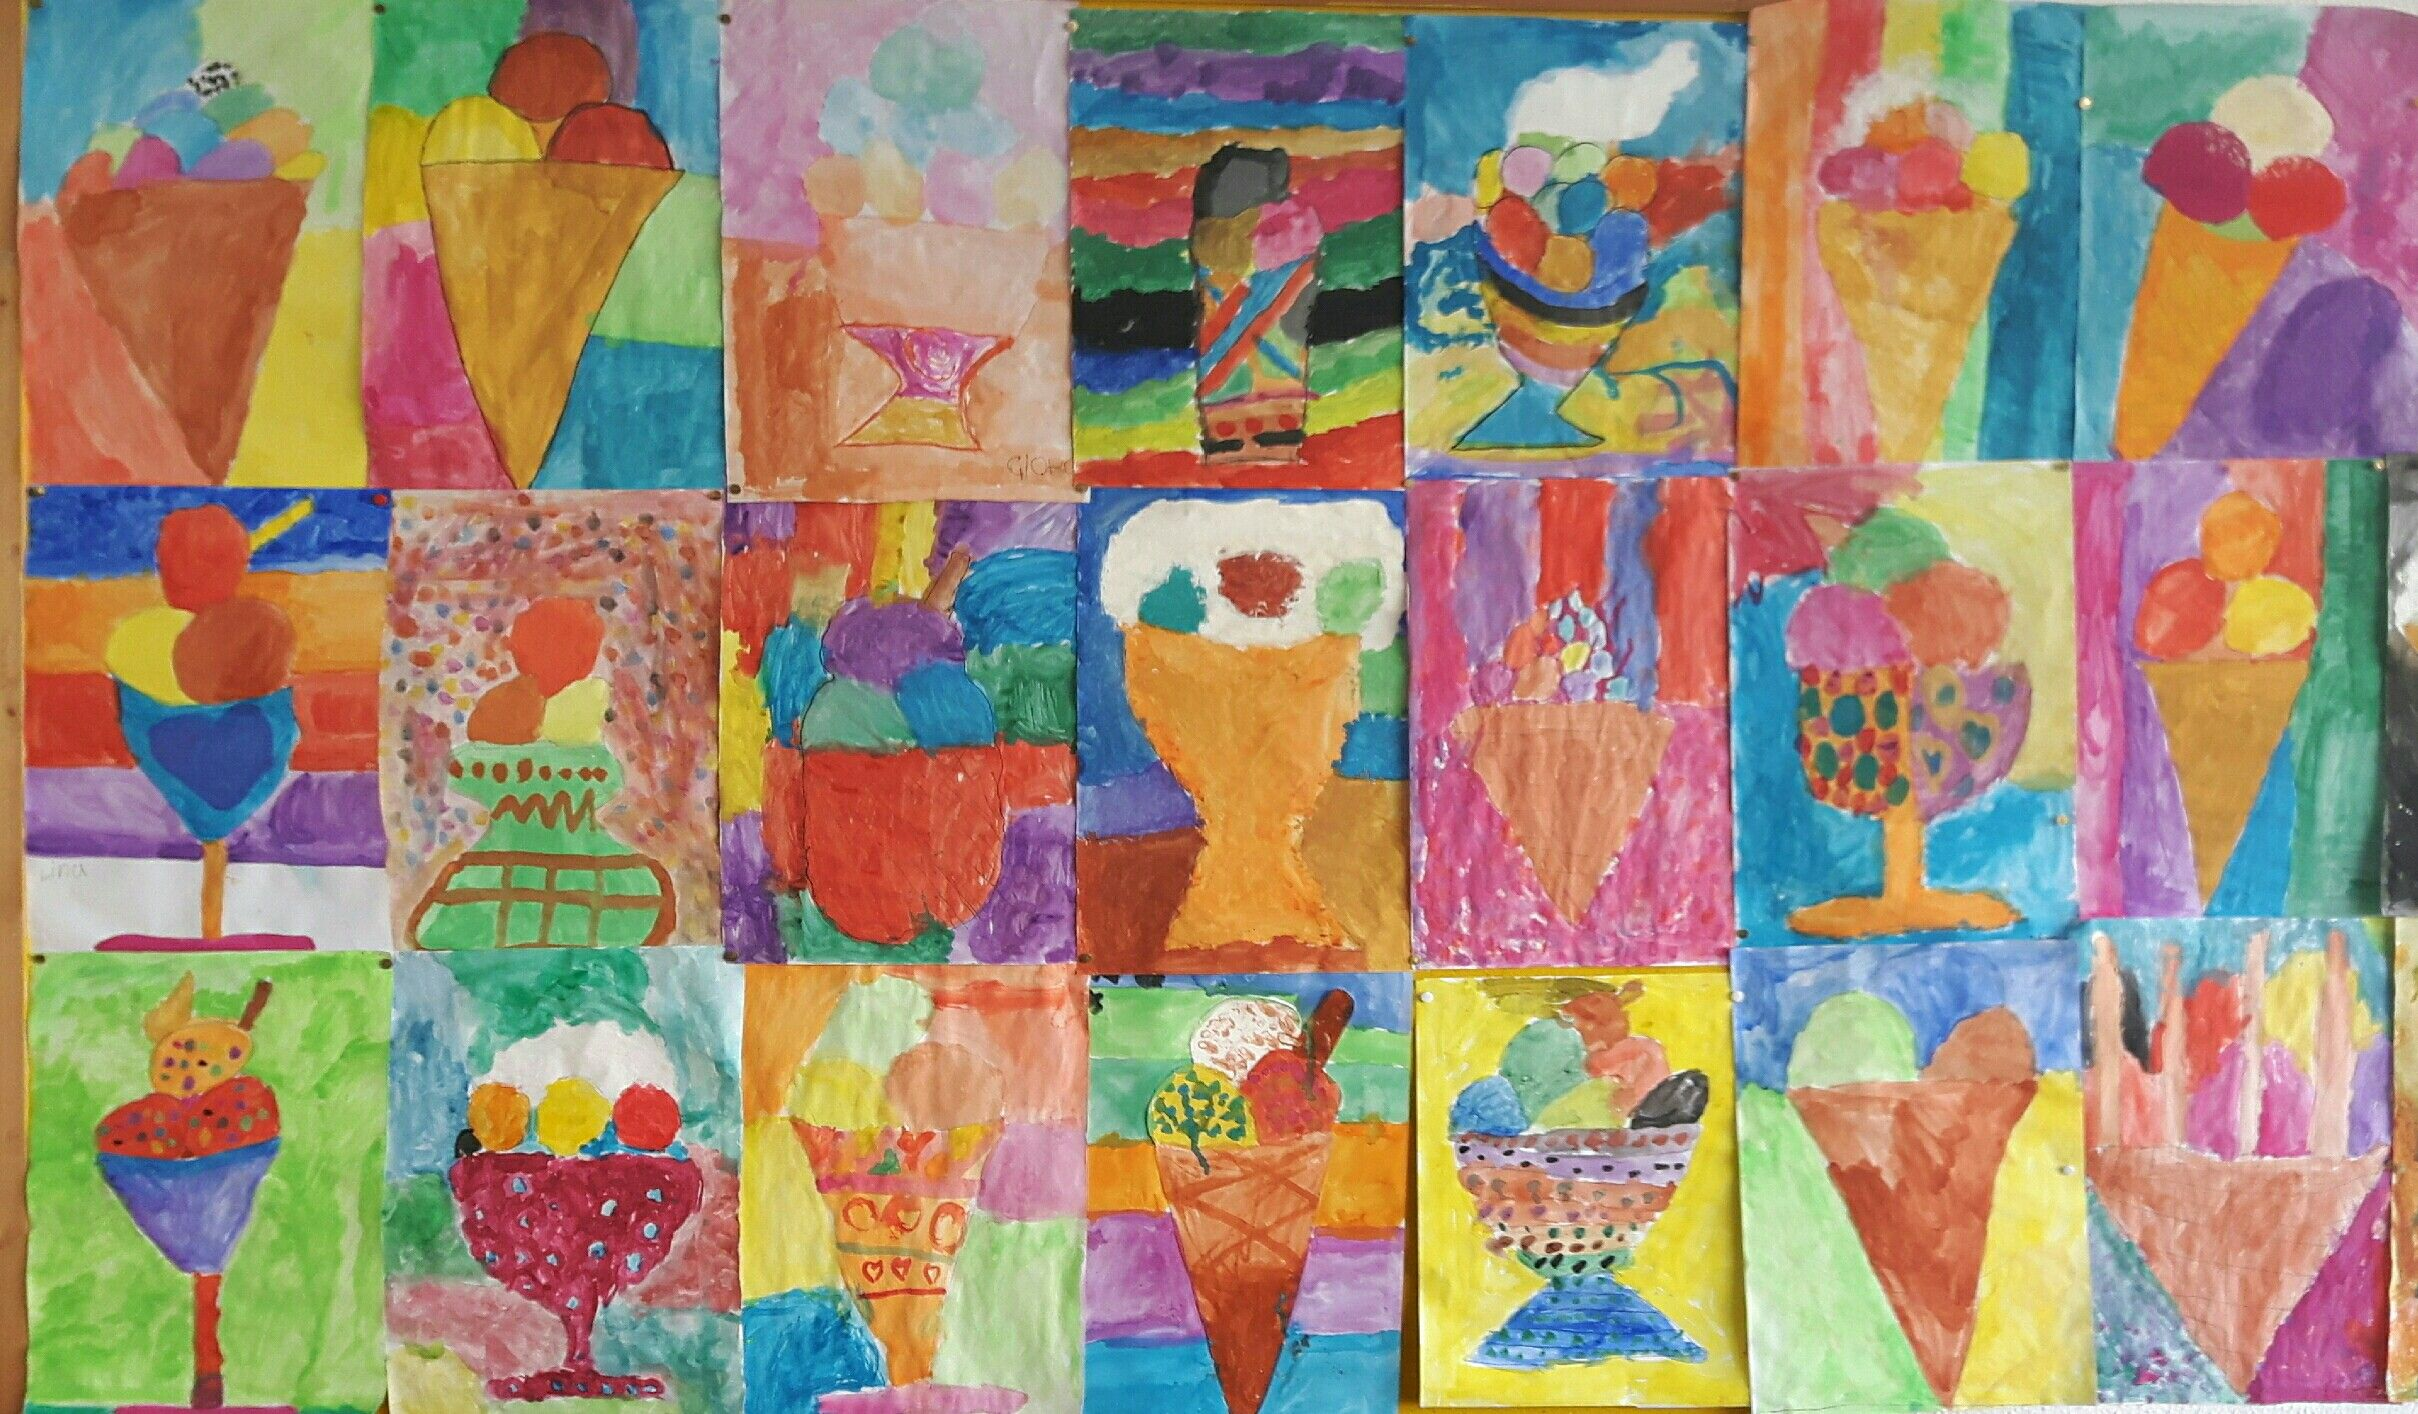 Kunstunterricht Klasse 1, Sommer, Eis - Wasserfarben ...